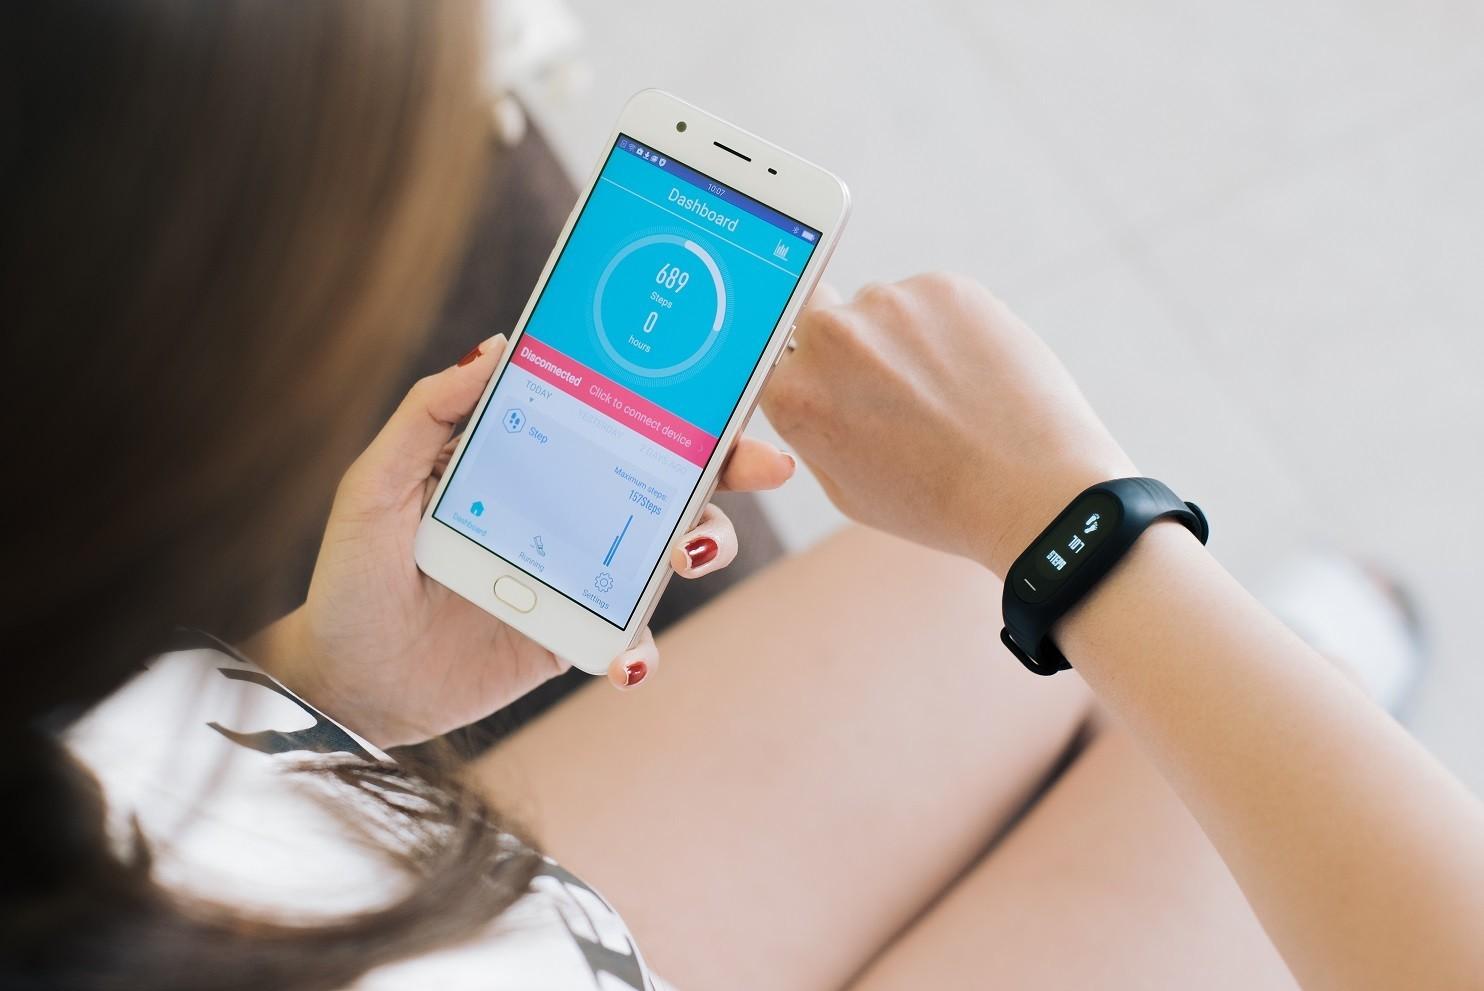 Oppo F1s mở đợt đặt trước với quà tặng vòng tay thông minh